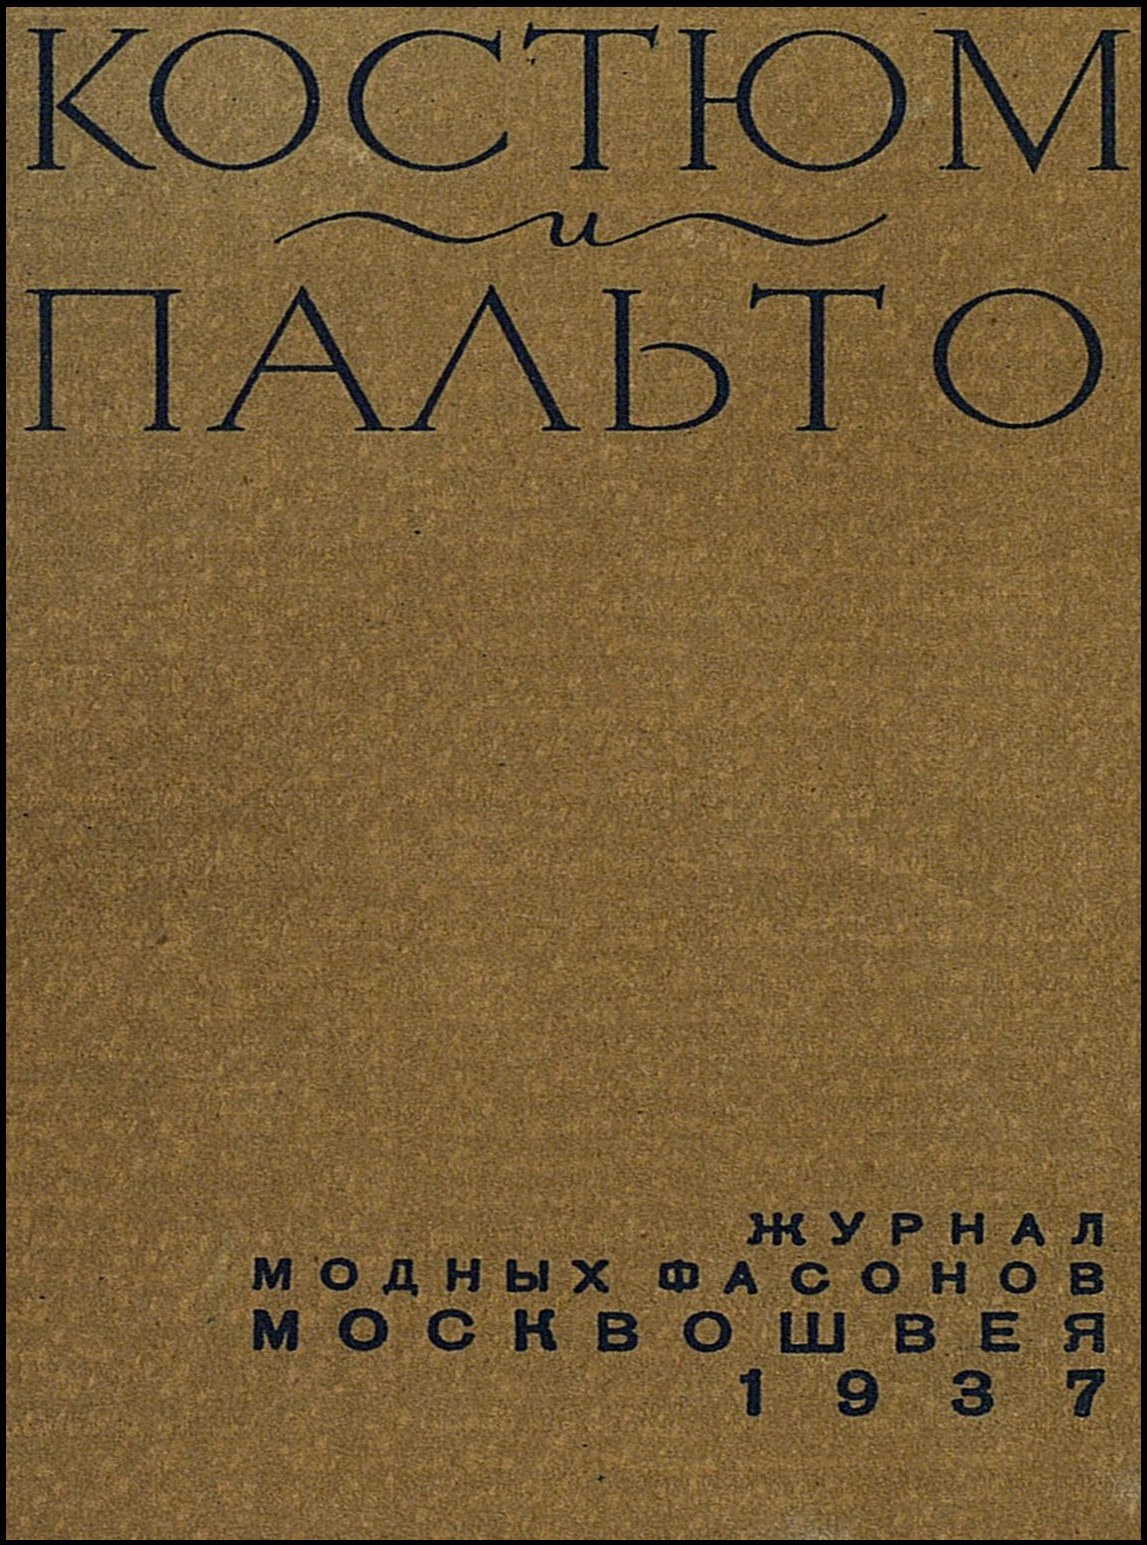 Костюм и пальто. 1937 год